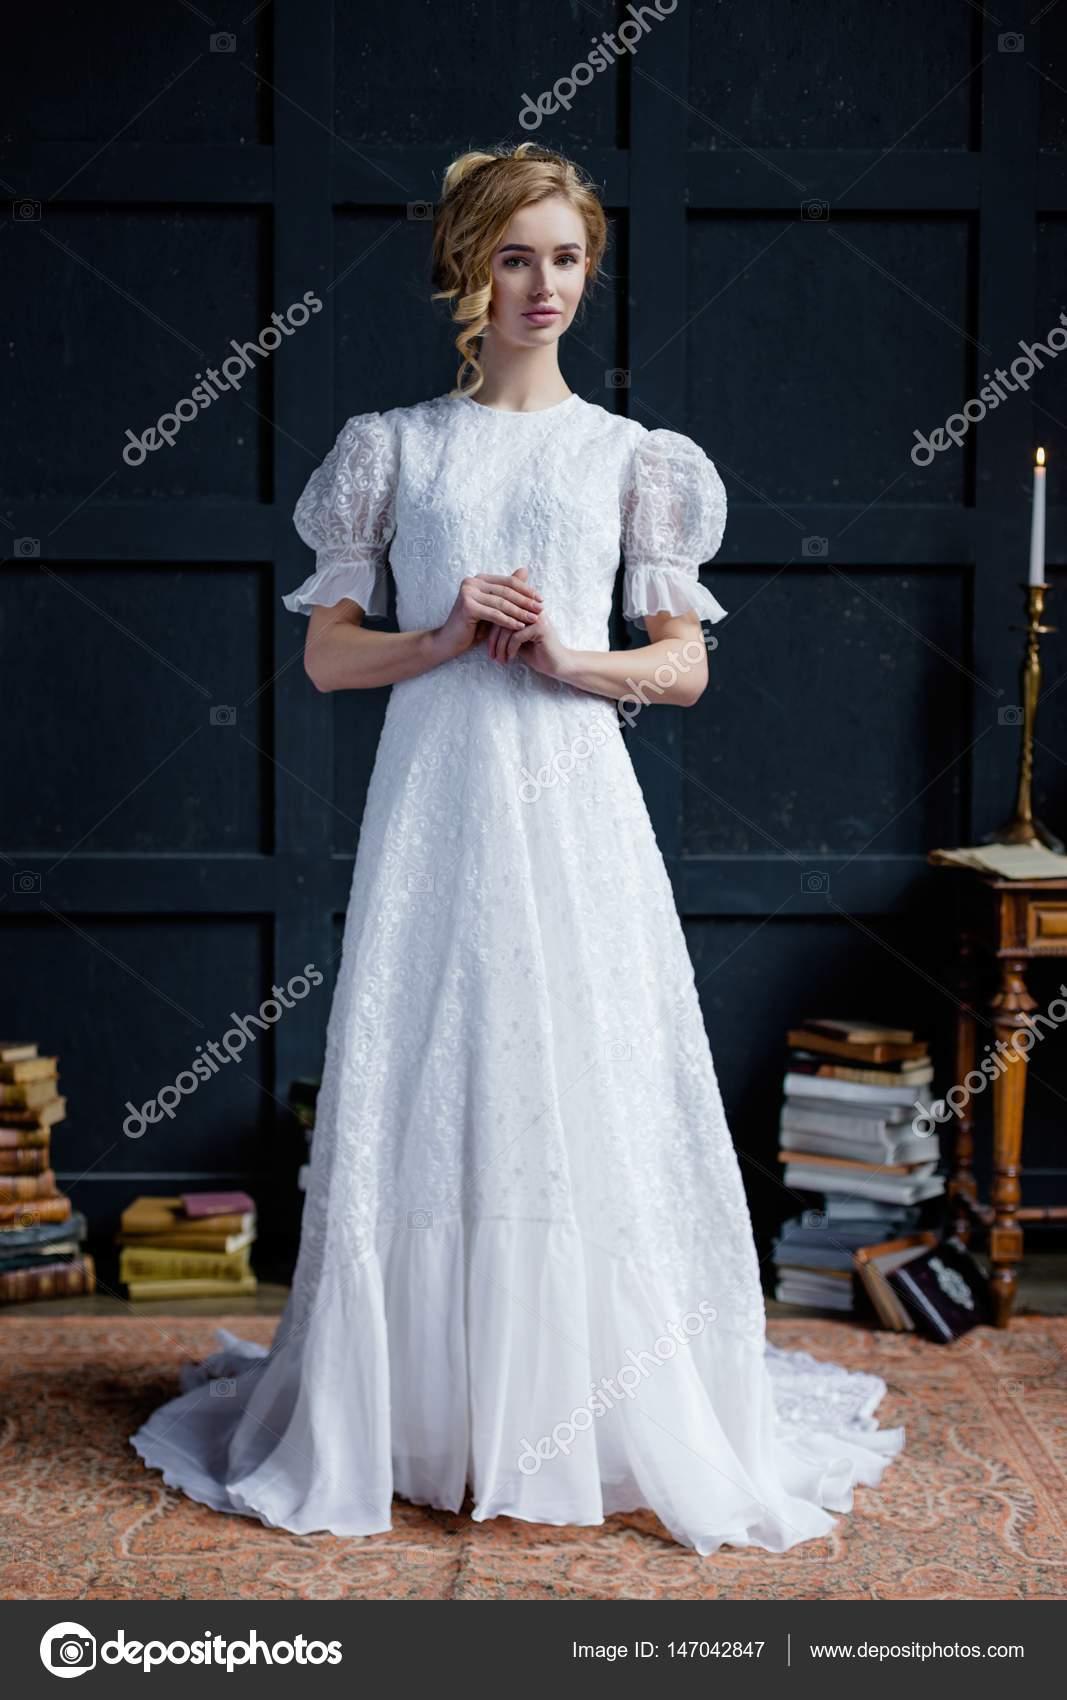 Frau im langen weißen Kleid — Stockfoto © smmartynenko #147042847